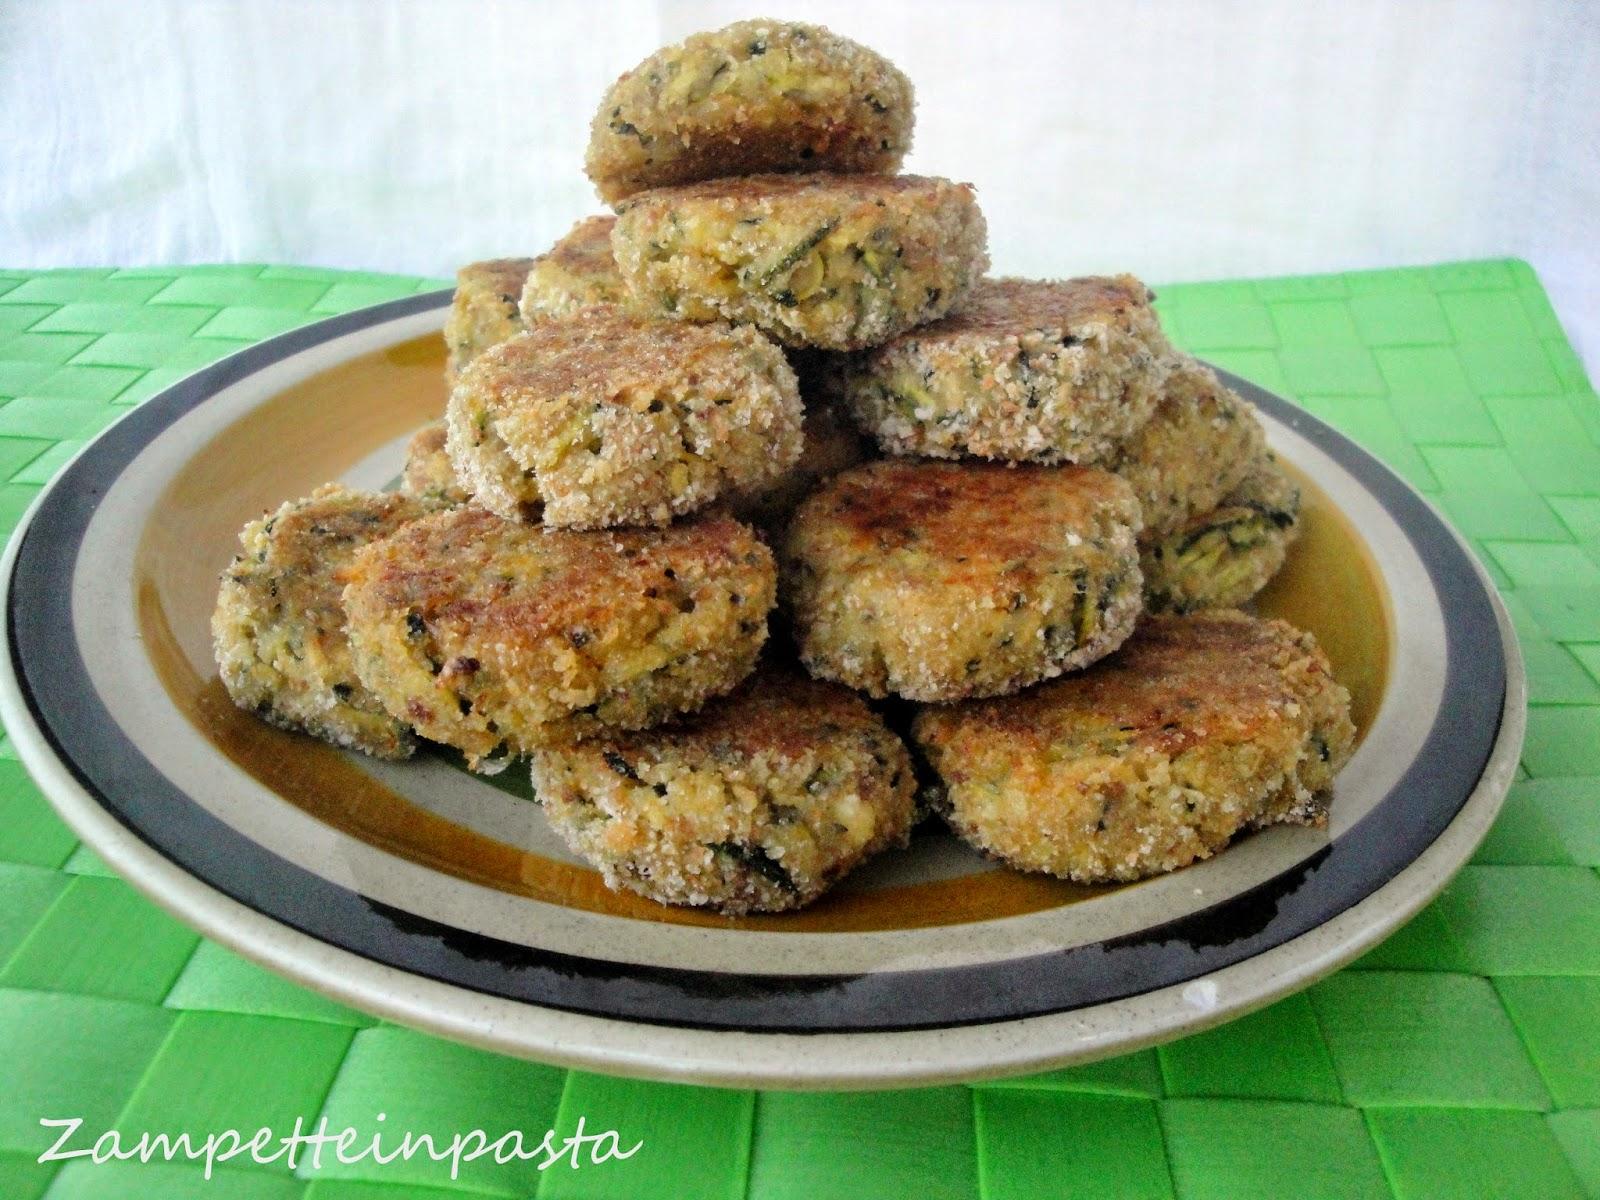 Polpette al forno con feta e zucchine - Ricetta con le zucchine